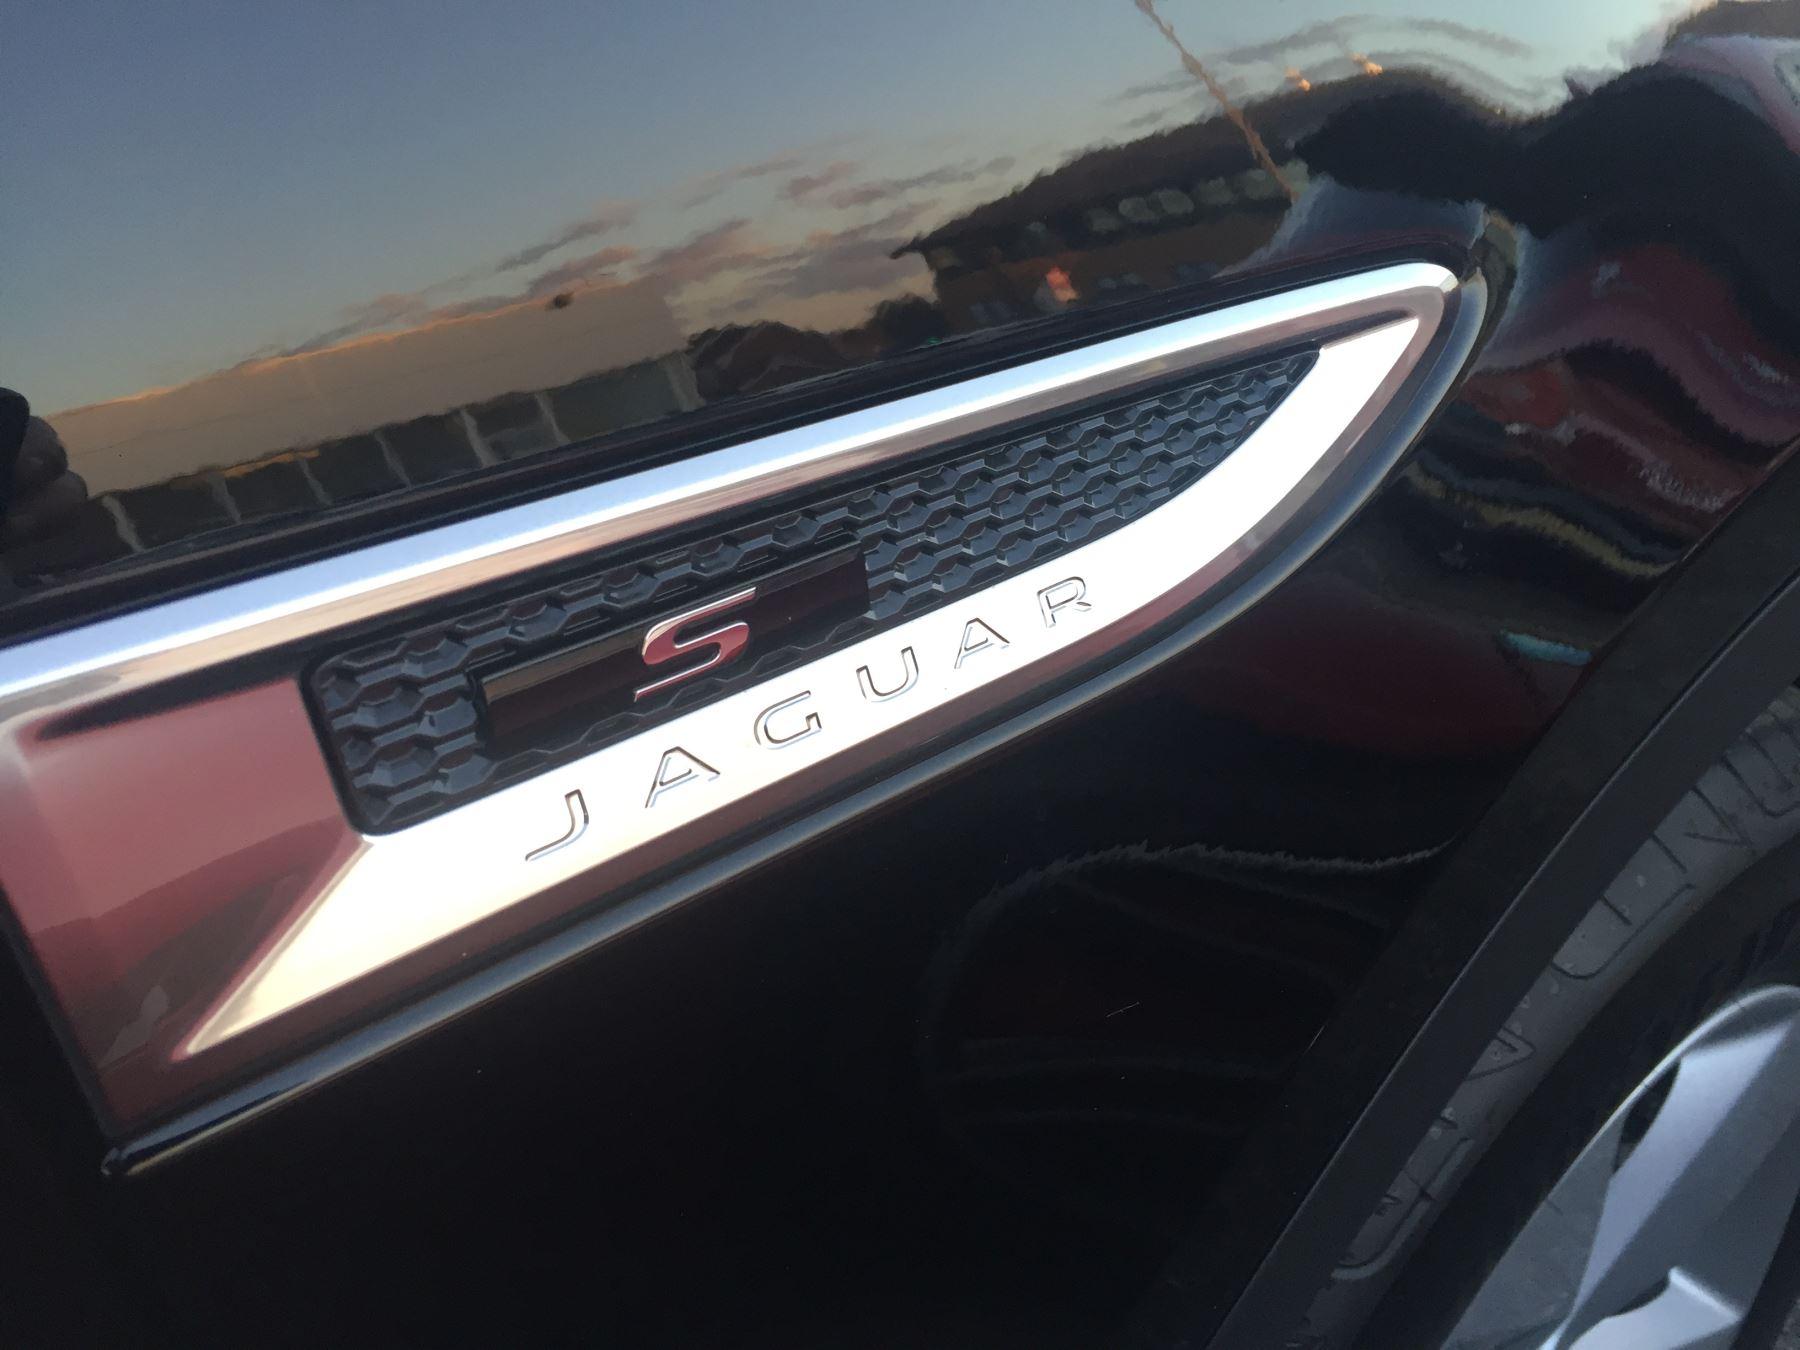 Jaguar E-PACE 2.0 R-Dynamic S image 8